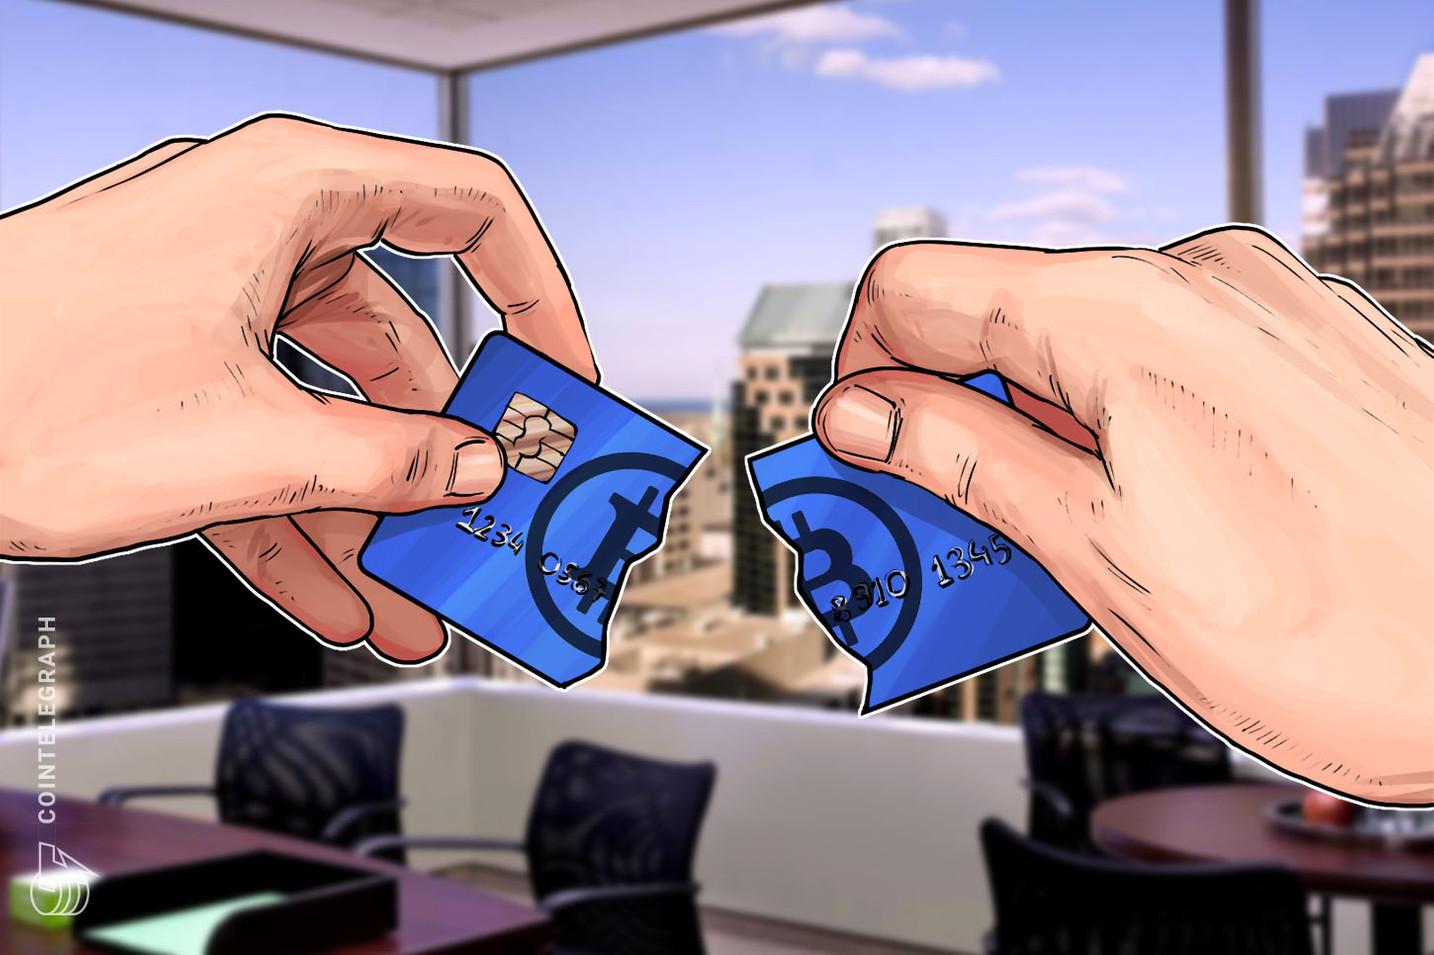 Relatório: Cartão de débito Bitcoin suportado pela Coinbase vai encerrar as operações em abril